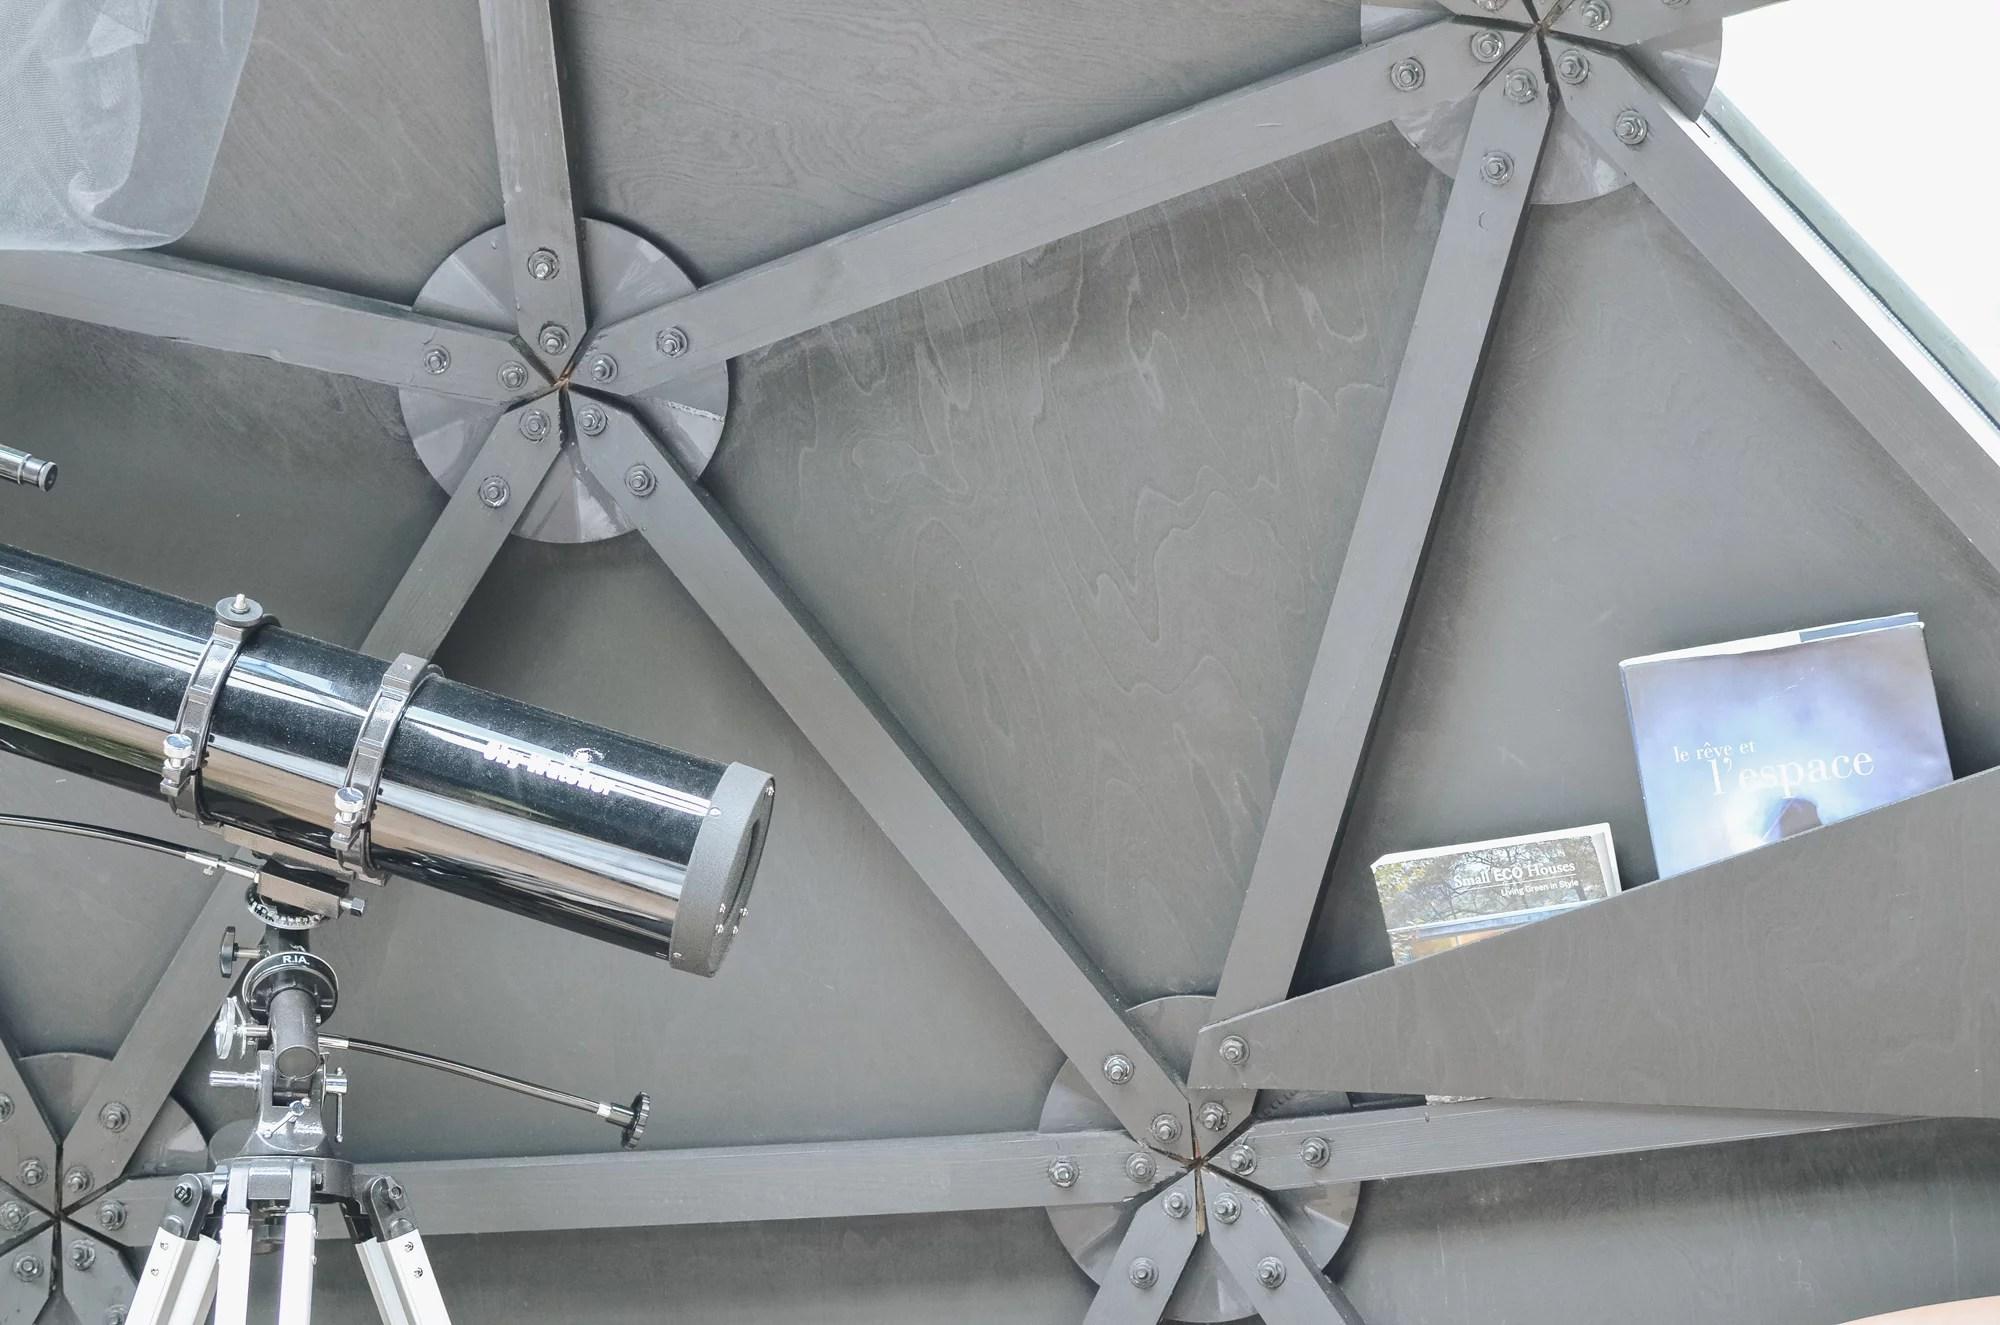 ASTROLABE lebruitdeleau ©marmille 11 - Une bulle d'oxygène dans l'astrolabe de Tibo - Le Bruit de l'Eau en Baie de Somme